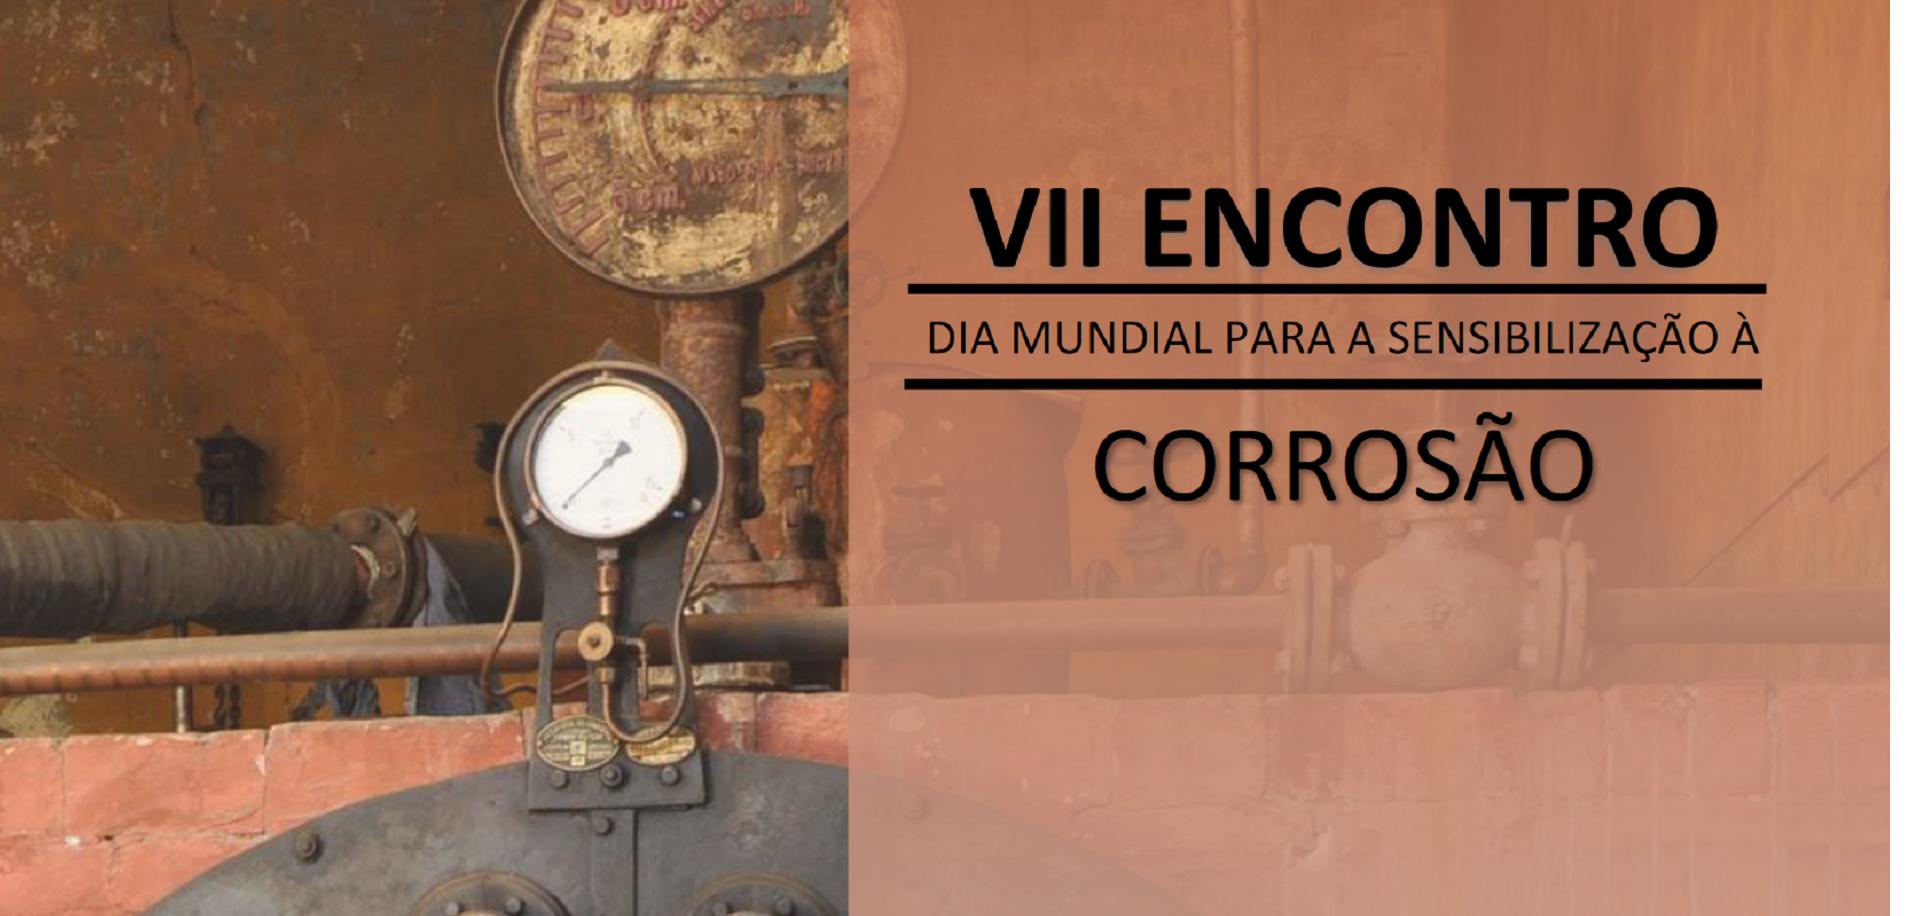 Dia Mundial da Sensibilização para a Corrosão